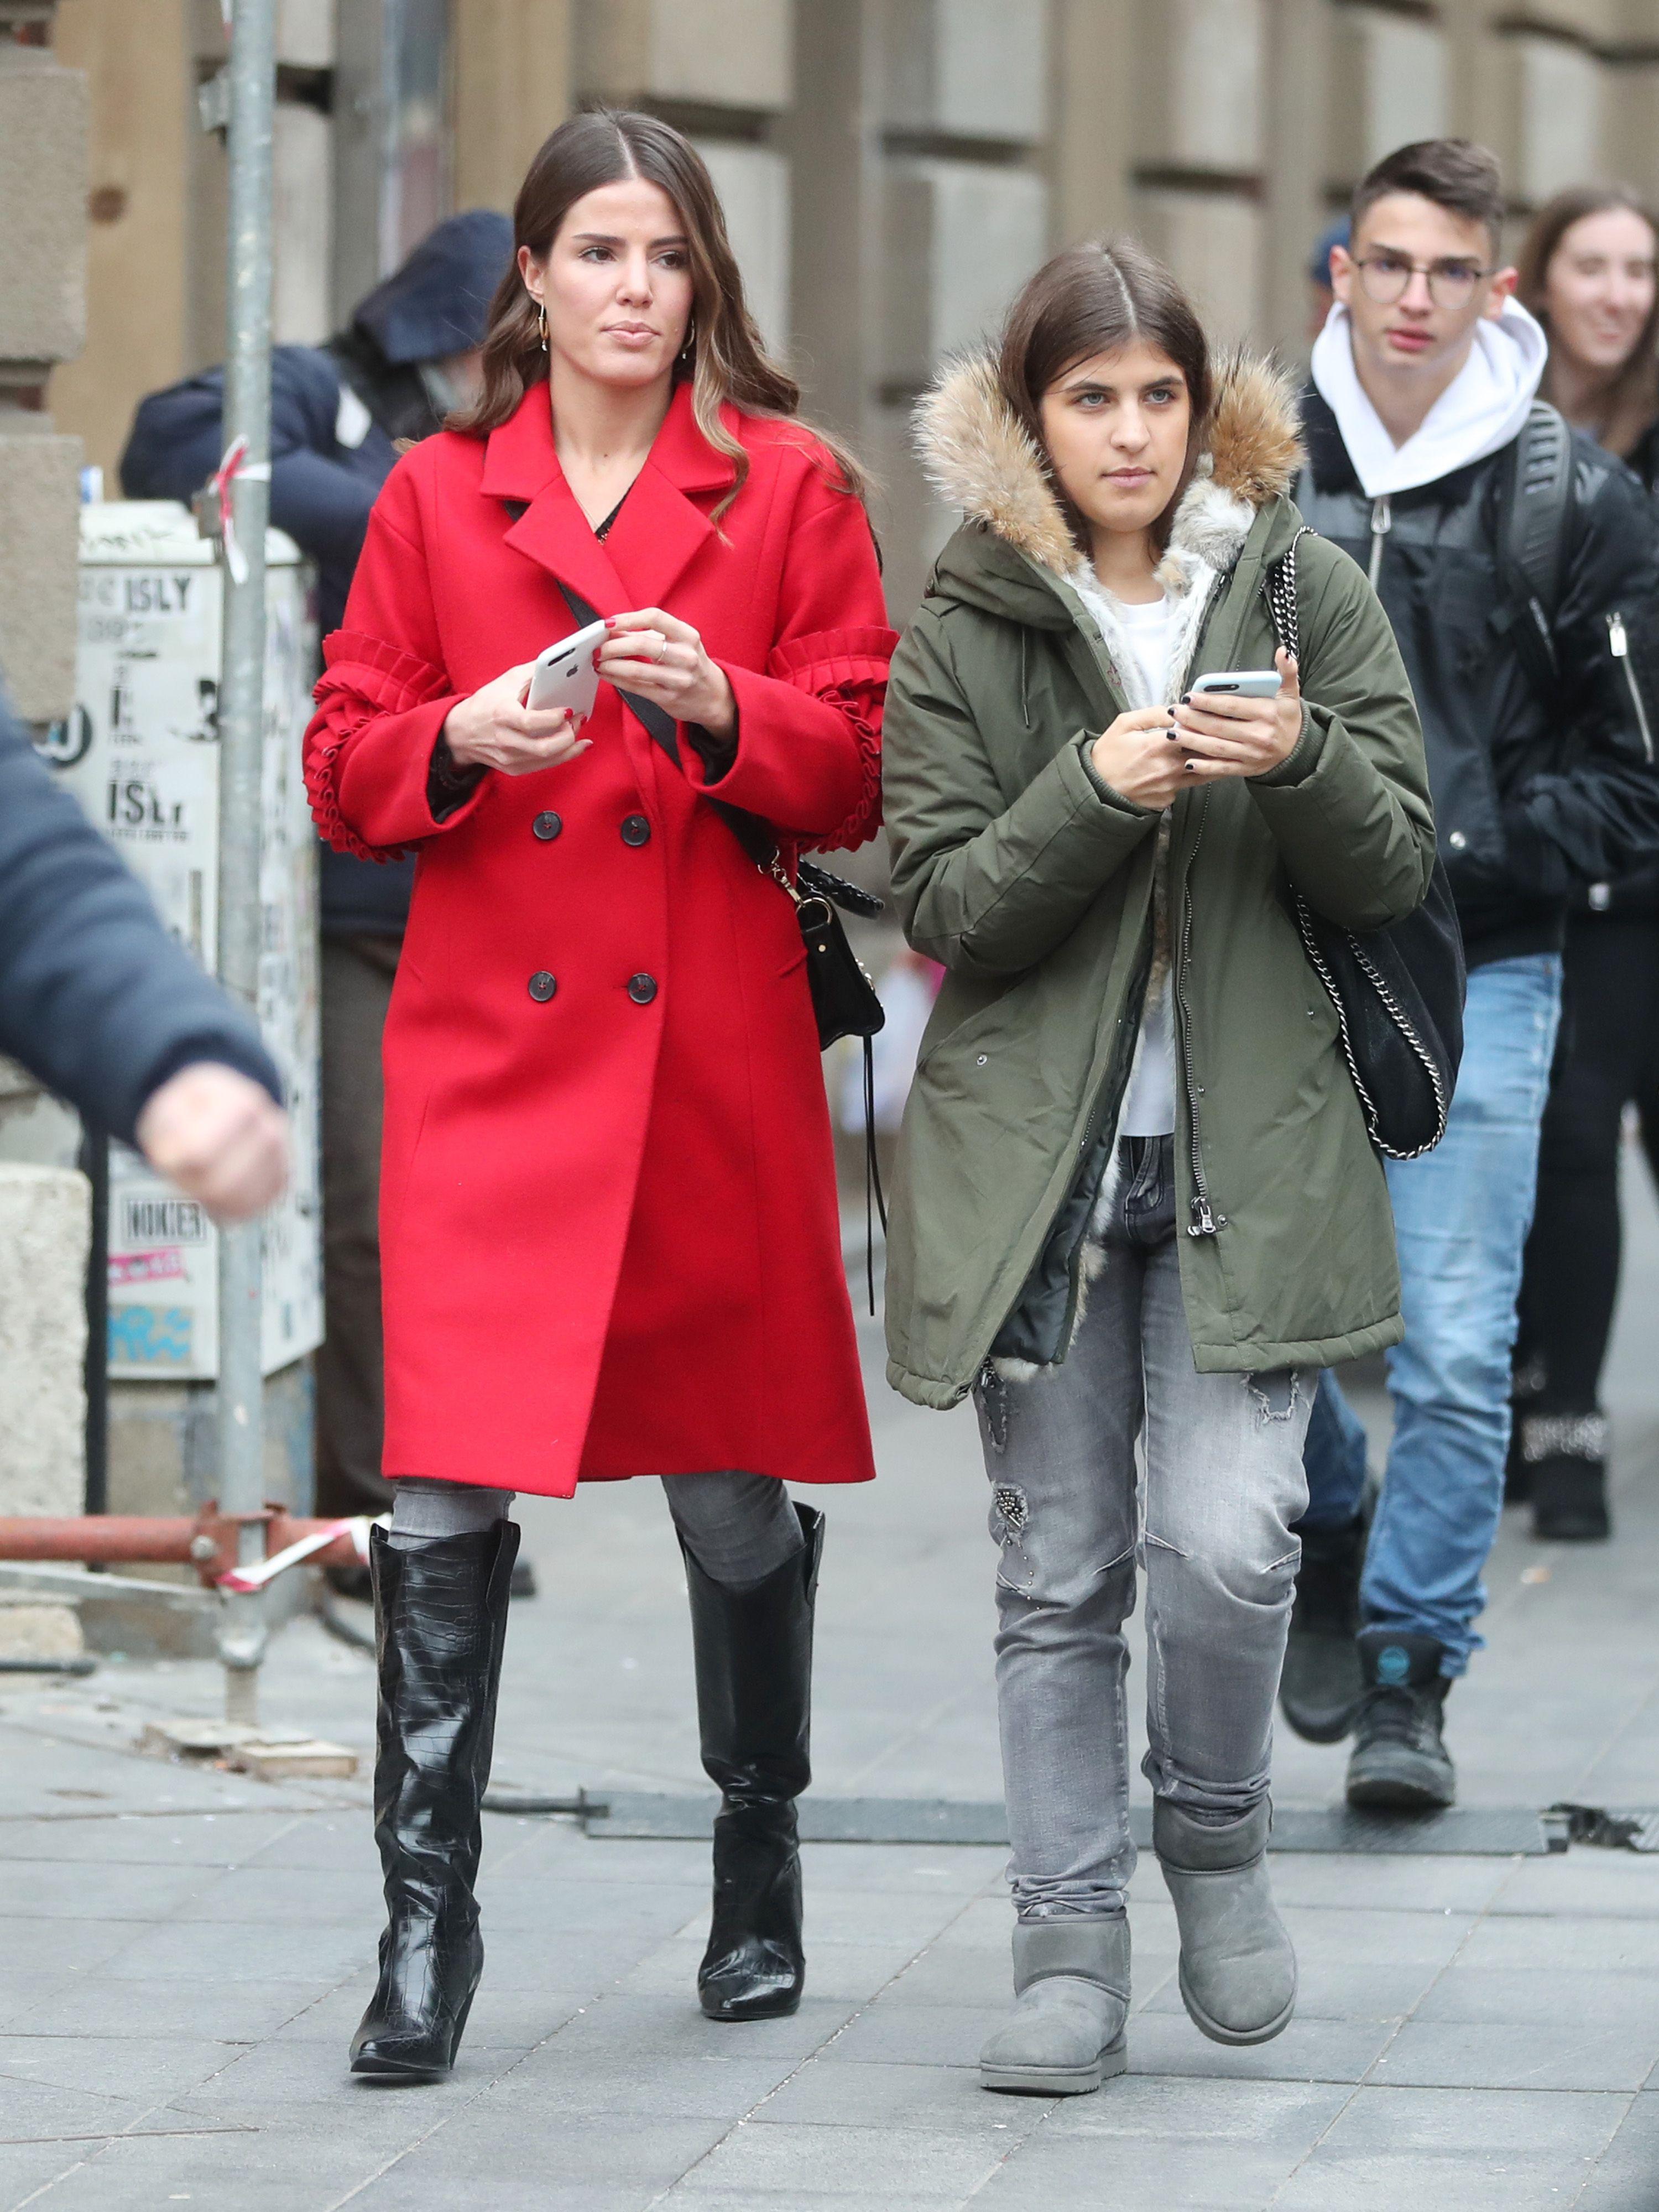 Crveni elegantni kaput ili zimska parka? Djevojke sa špice dva različita modna stila nose izvrsno